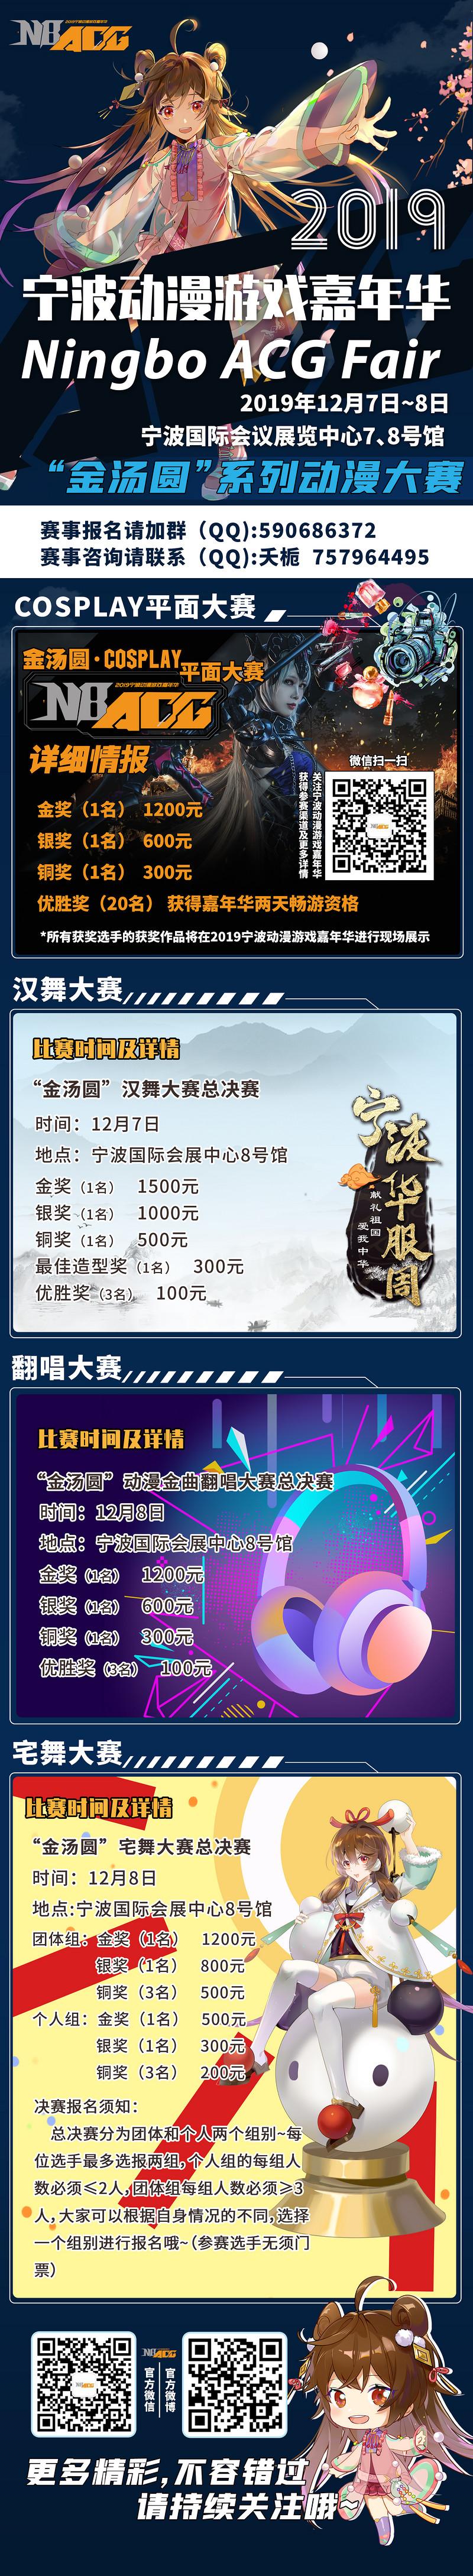 2019宁波动漫游戏嘉年华来啦!-C3动漫网